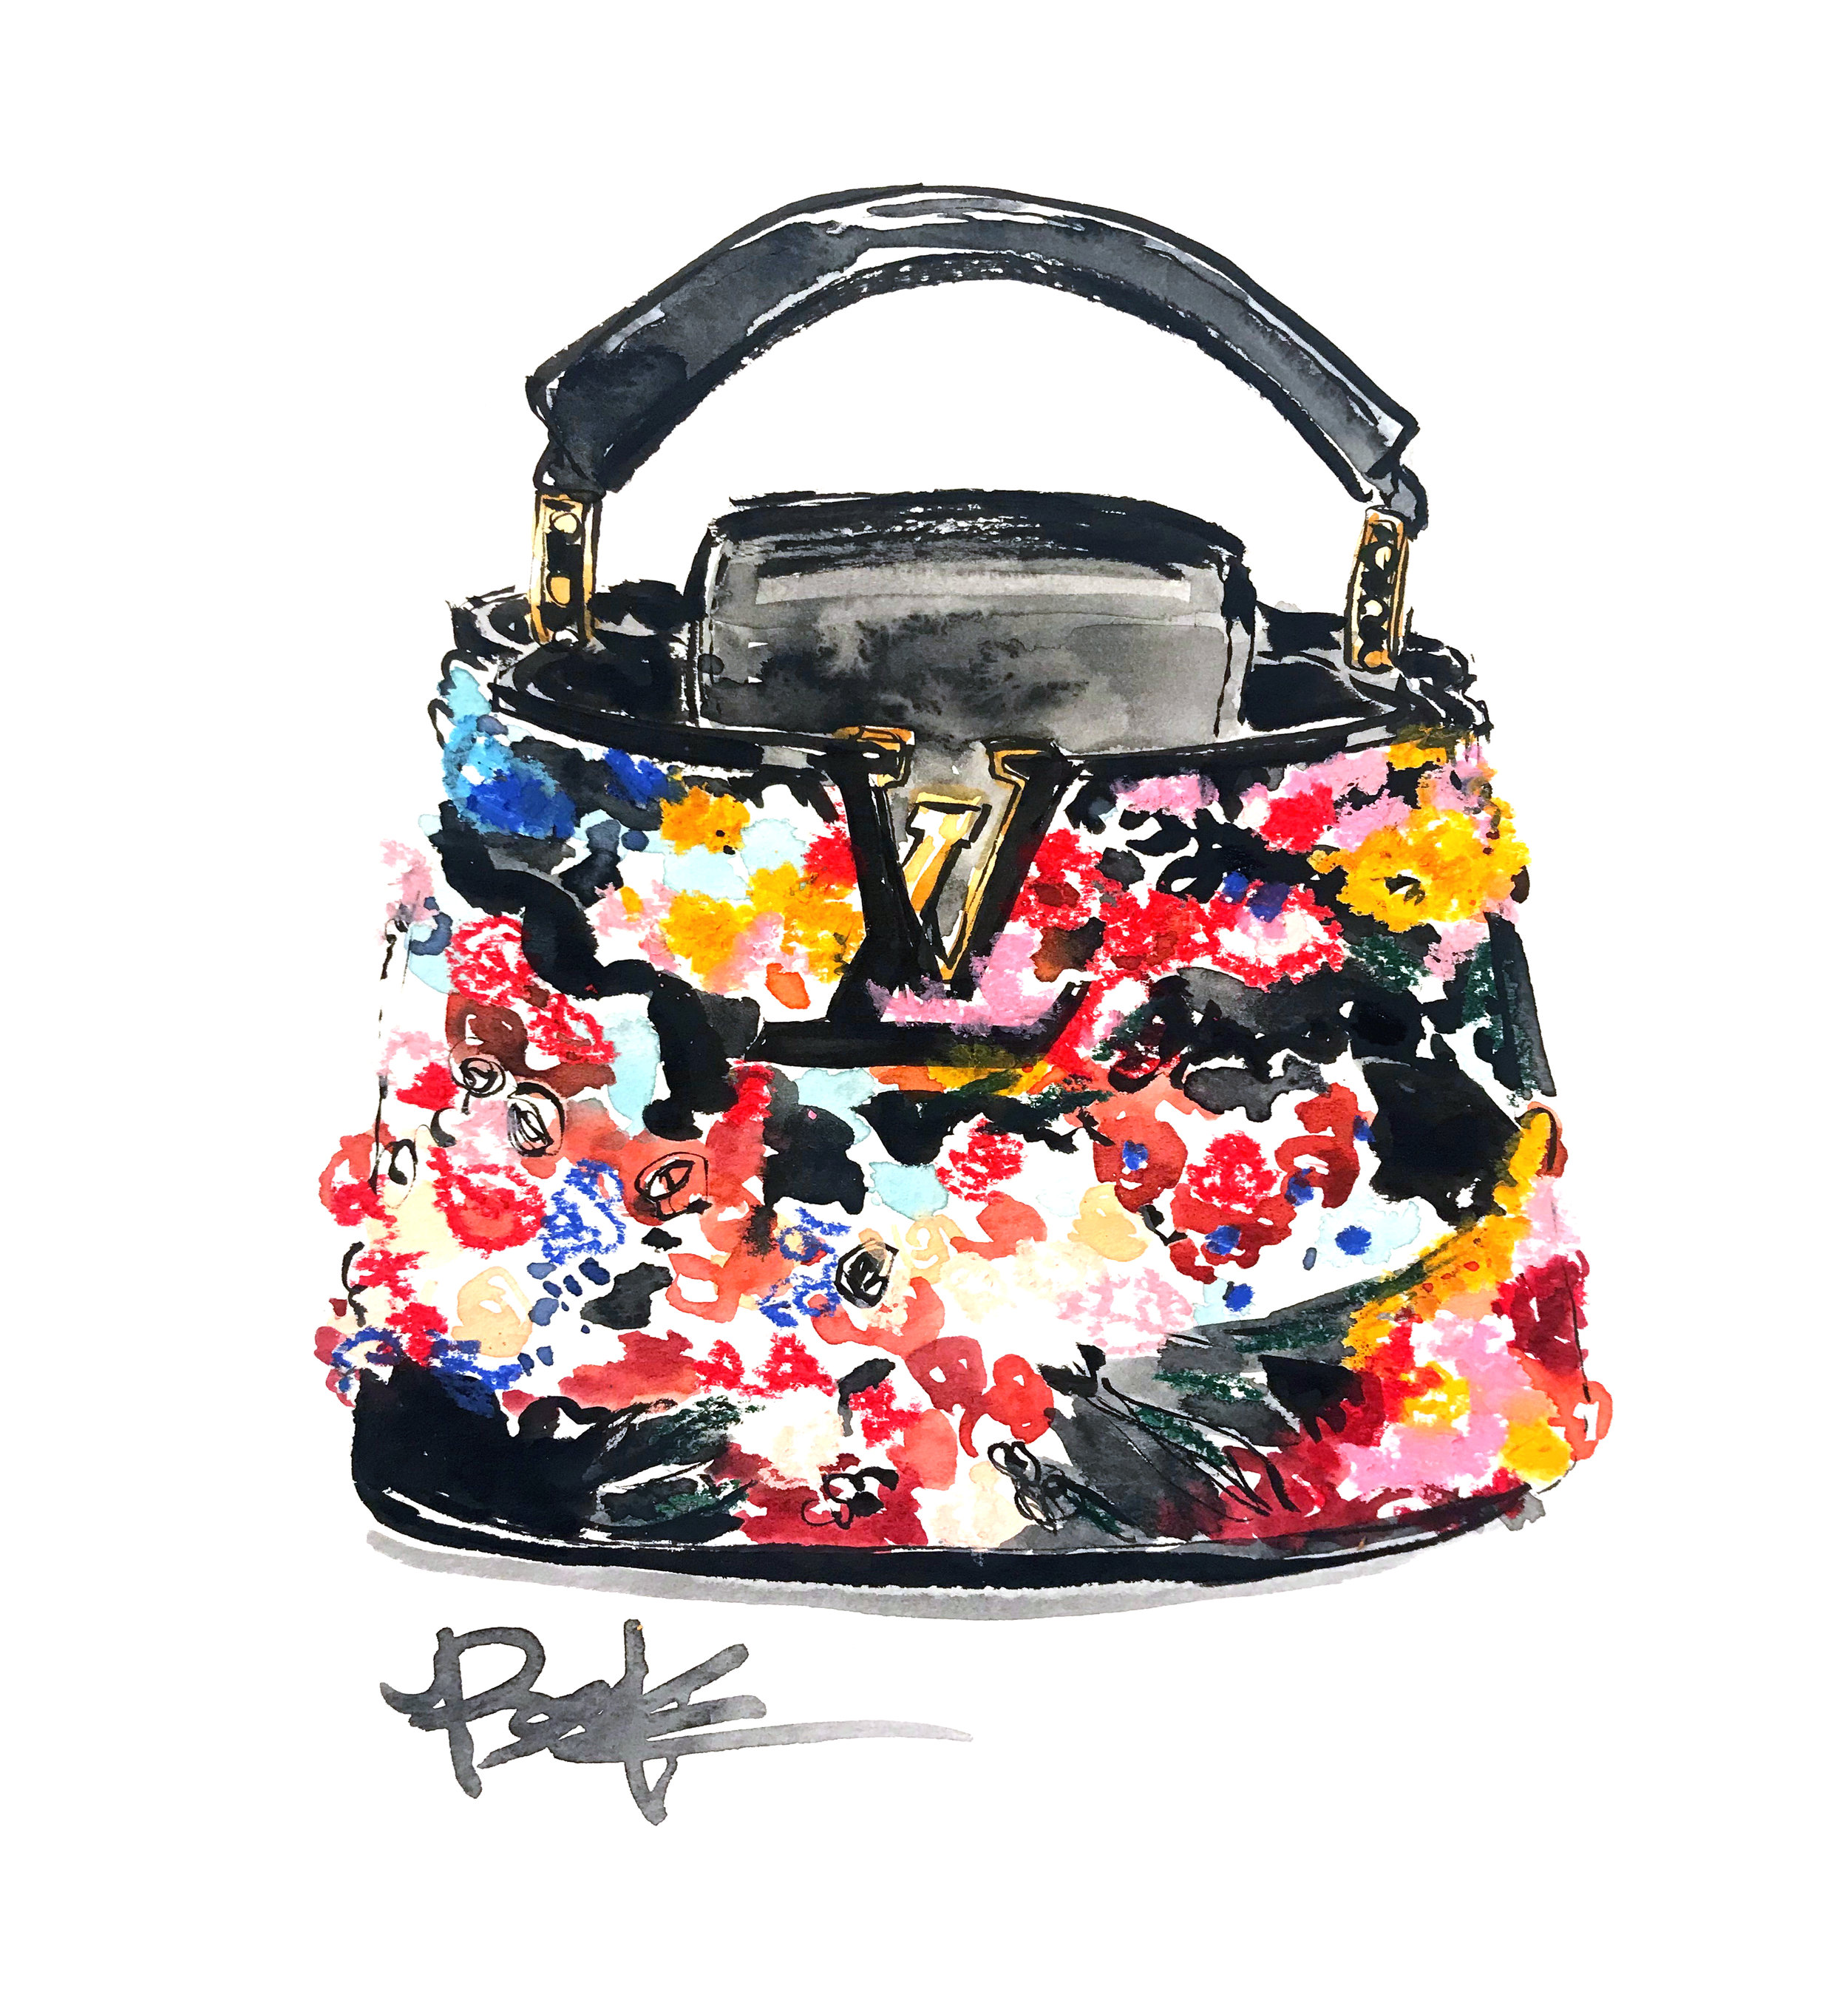 Louis Vuitton Capucines Mini Bouquet in mixed media.